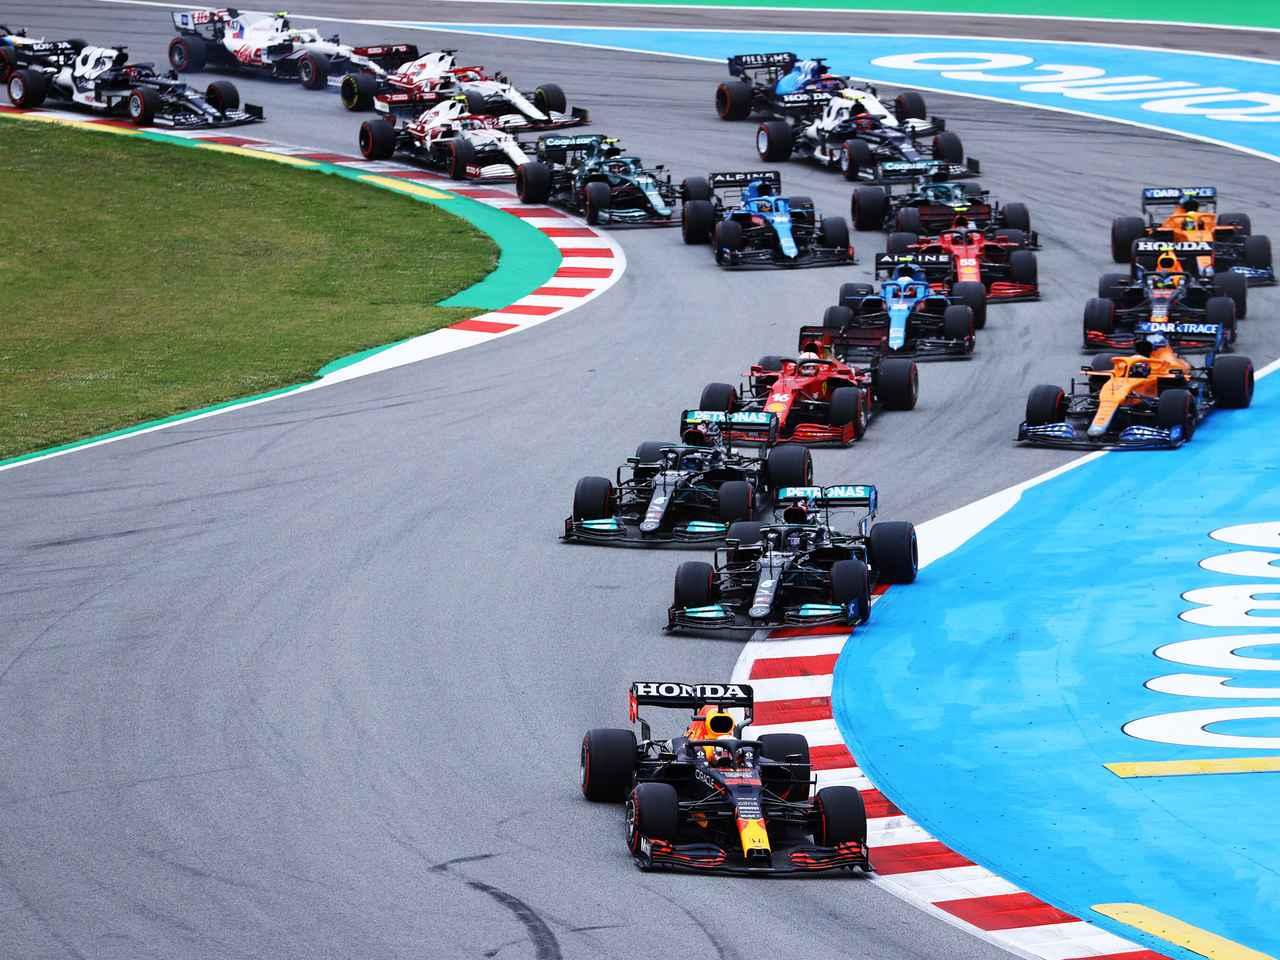 2021年F1第4戦スペインGP、2位に終わったフェルスタッペンにとっての「難しい判断」【モータースポーツ】